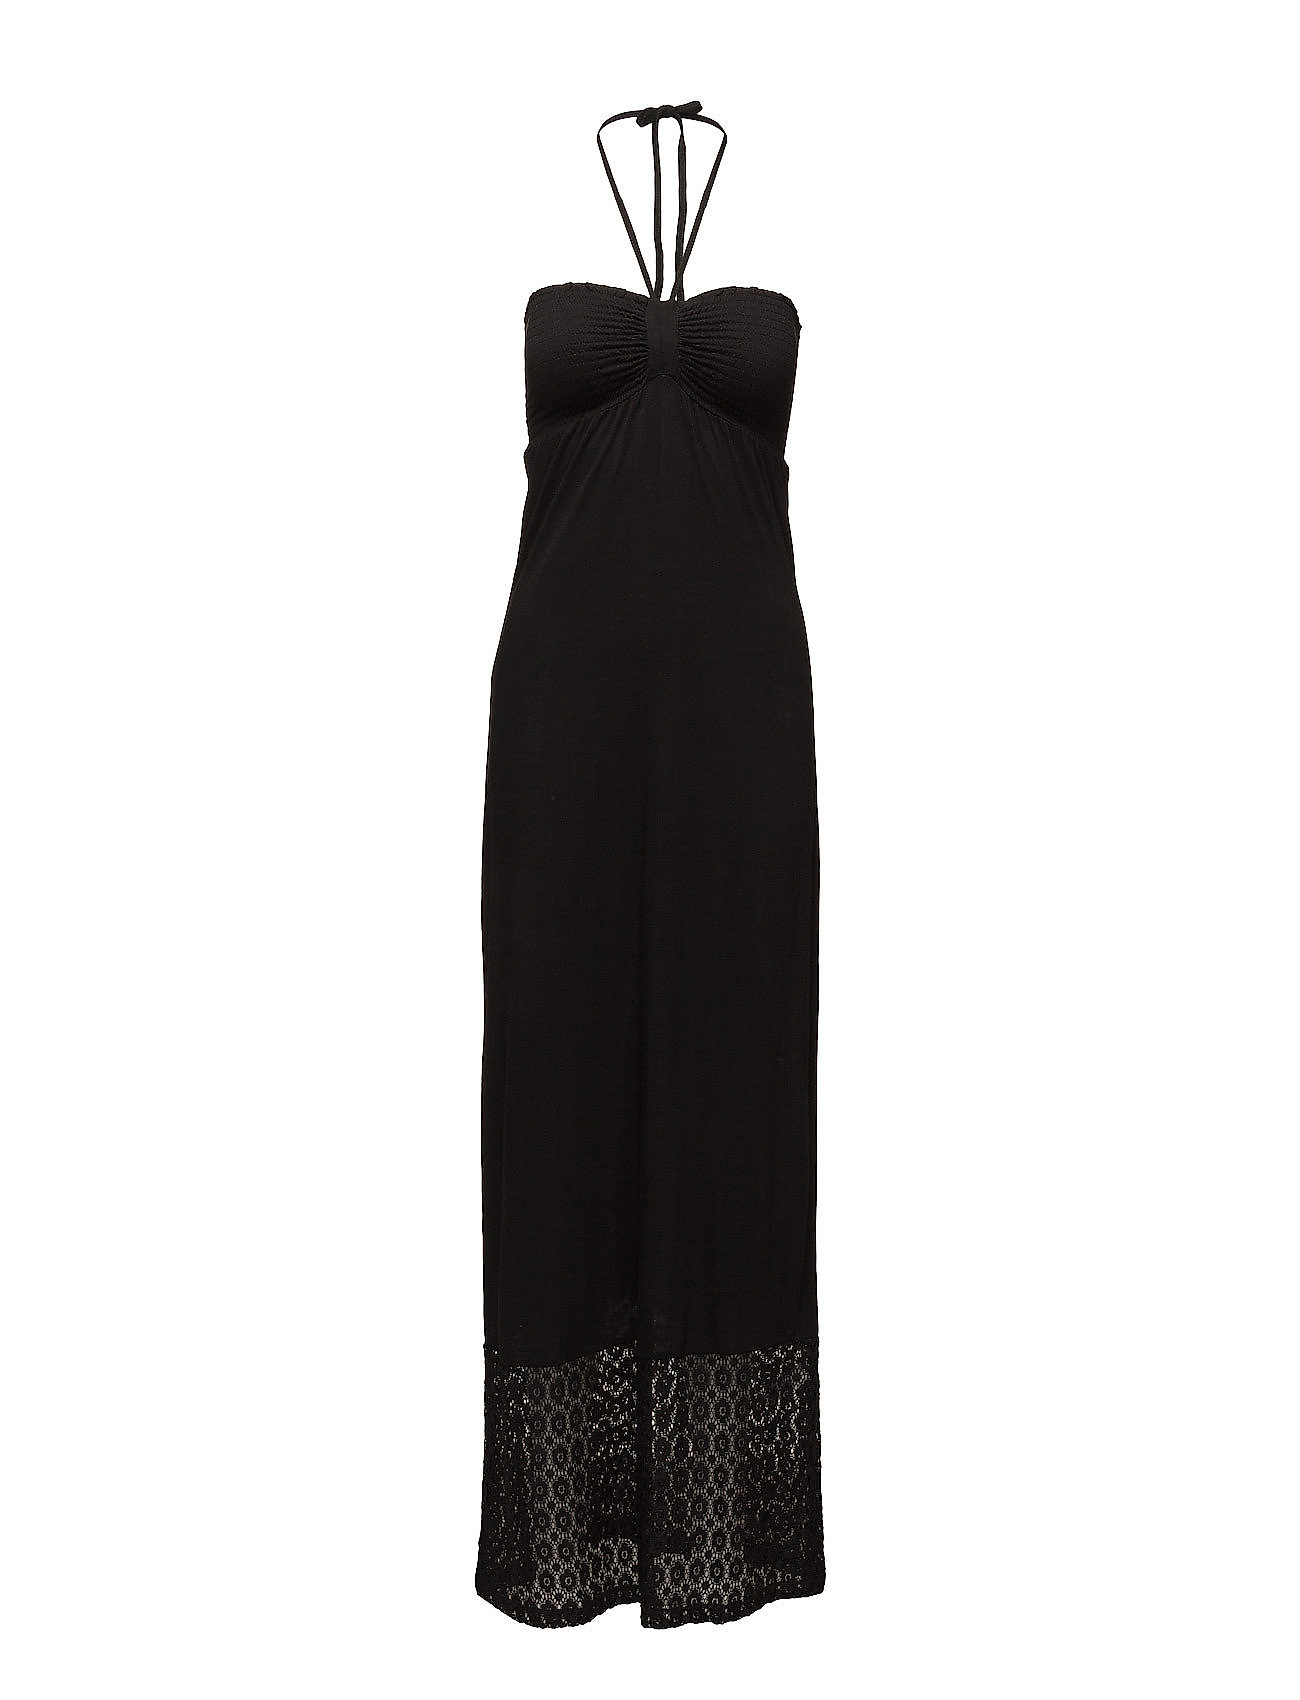 Smock Jersey Dress With Lace Saint Tropez Maxi Kjoler til Kvinder i Sort